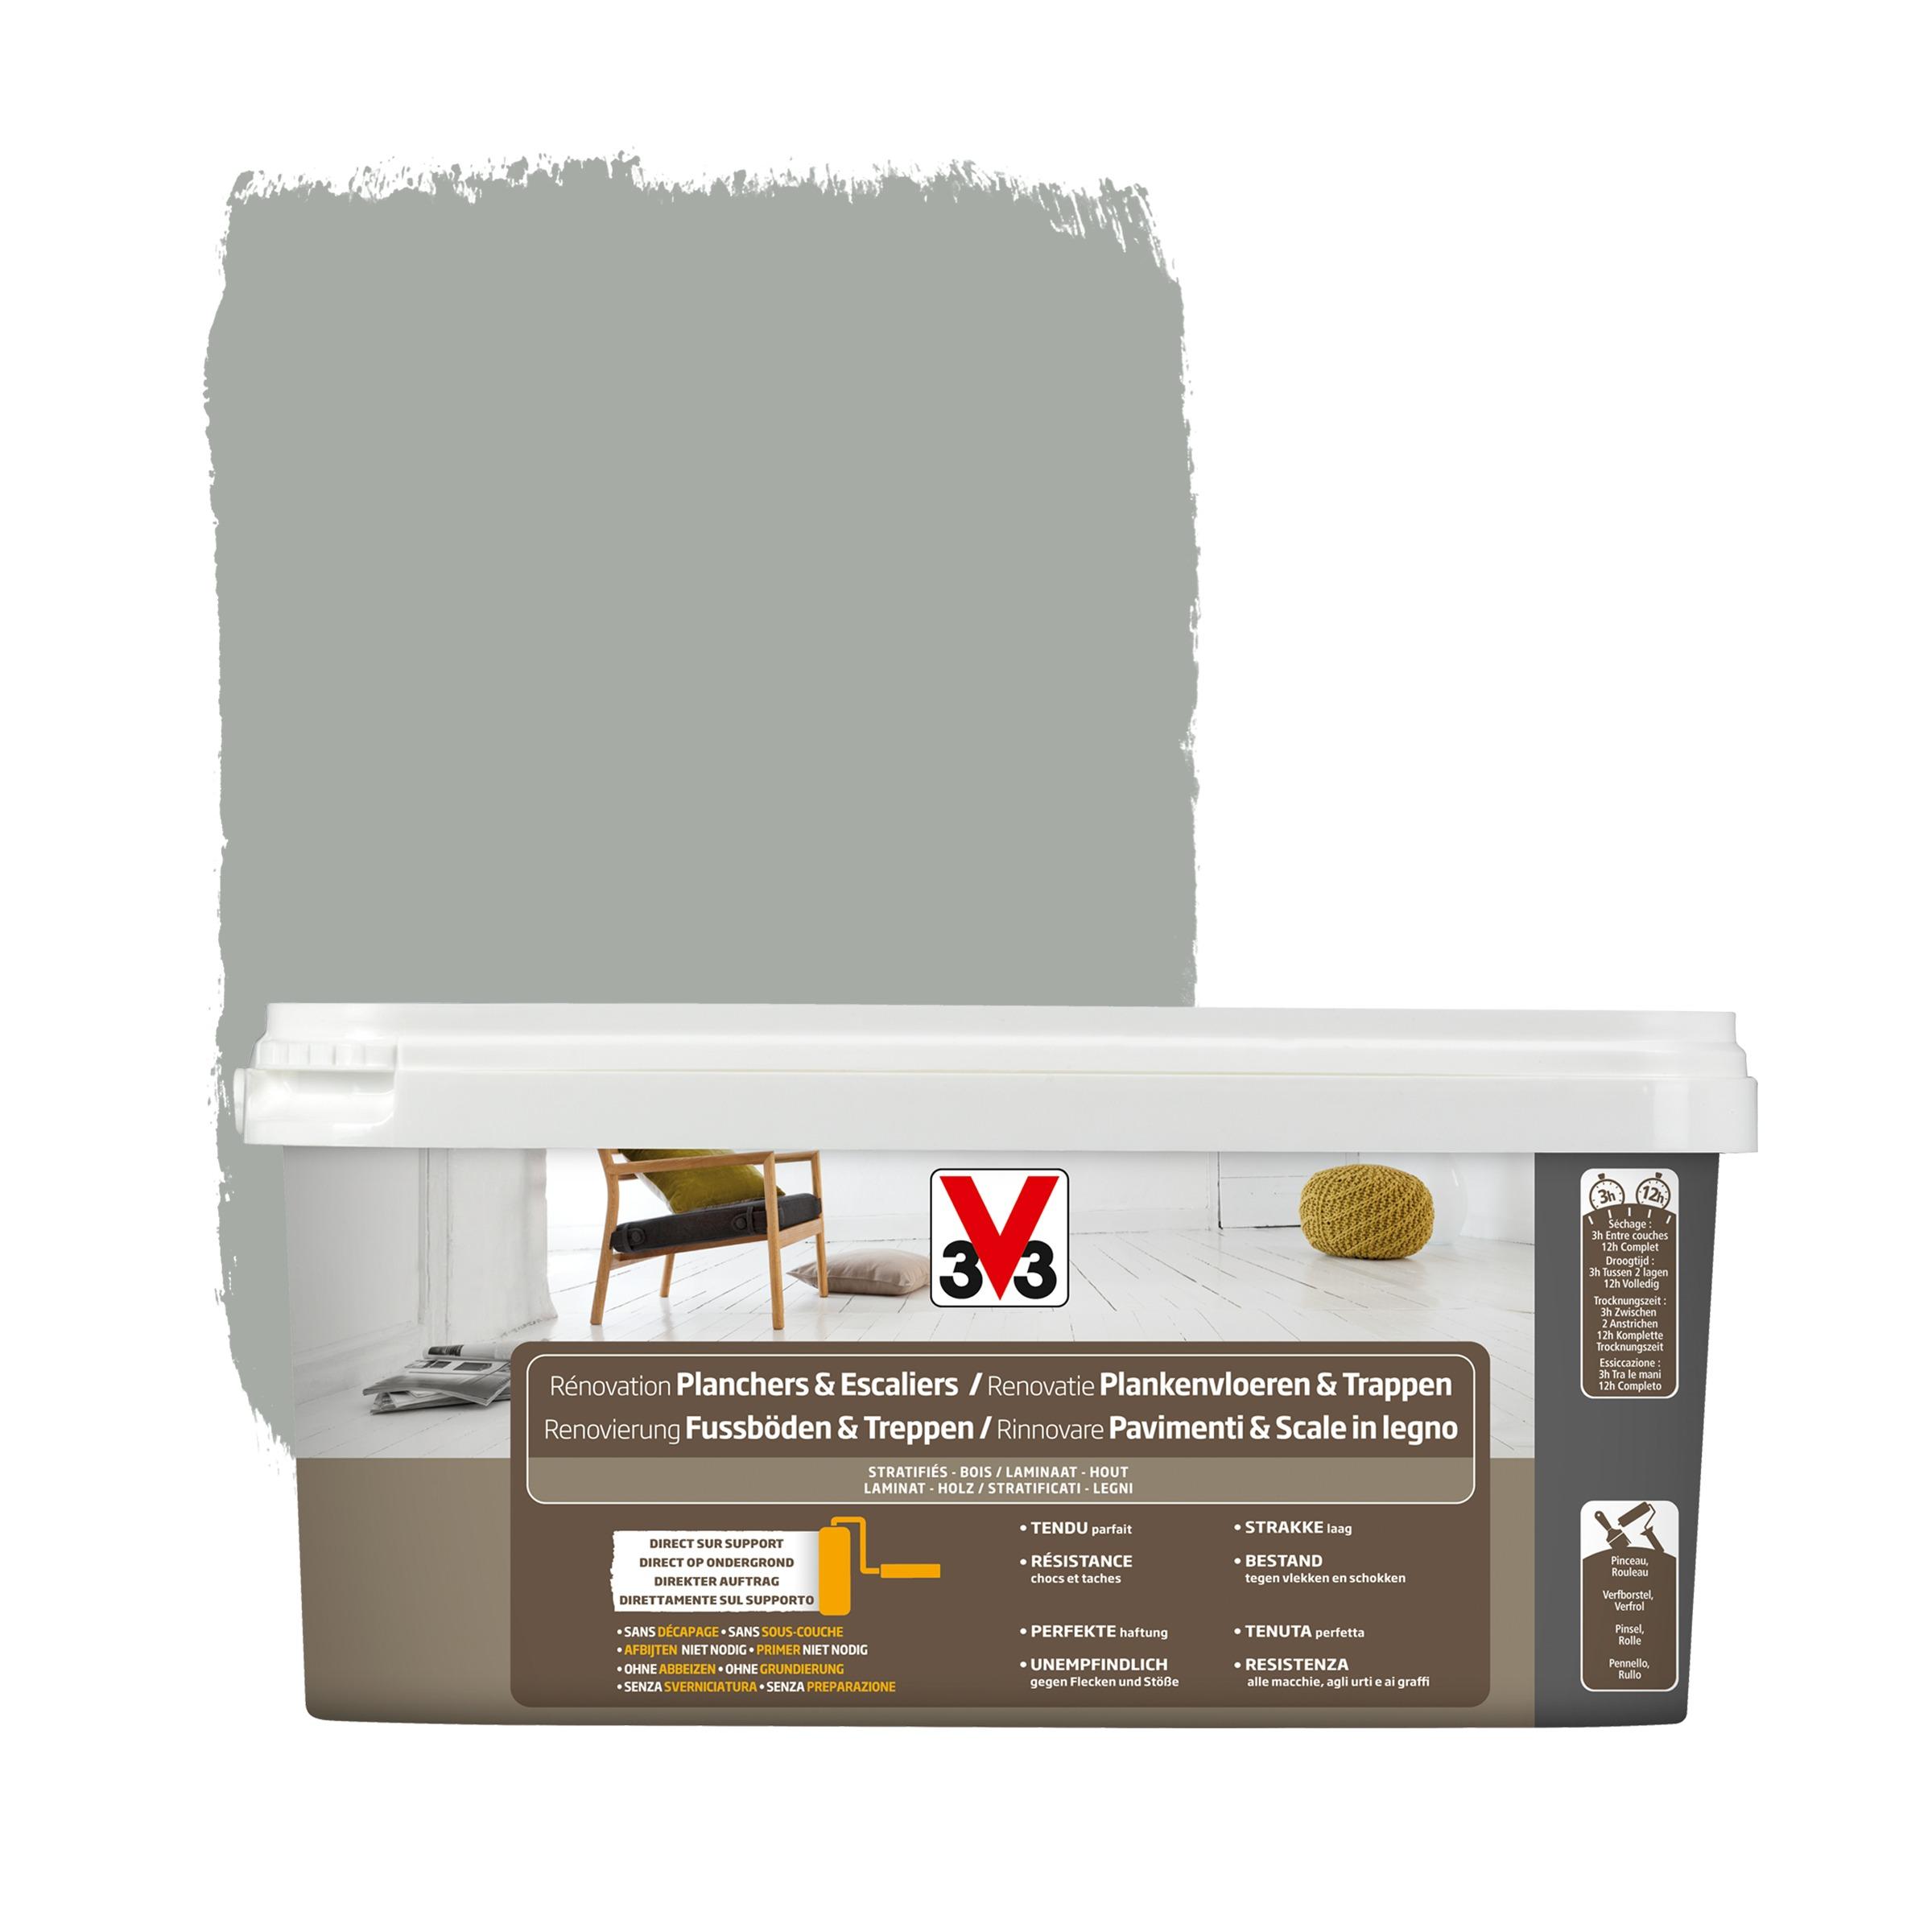 peinture de r novation planchers escaliers v33 satin titane 2 l peintures sp ciales papier. Black Bedroom Furniture Sets. Home Design Ideas